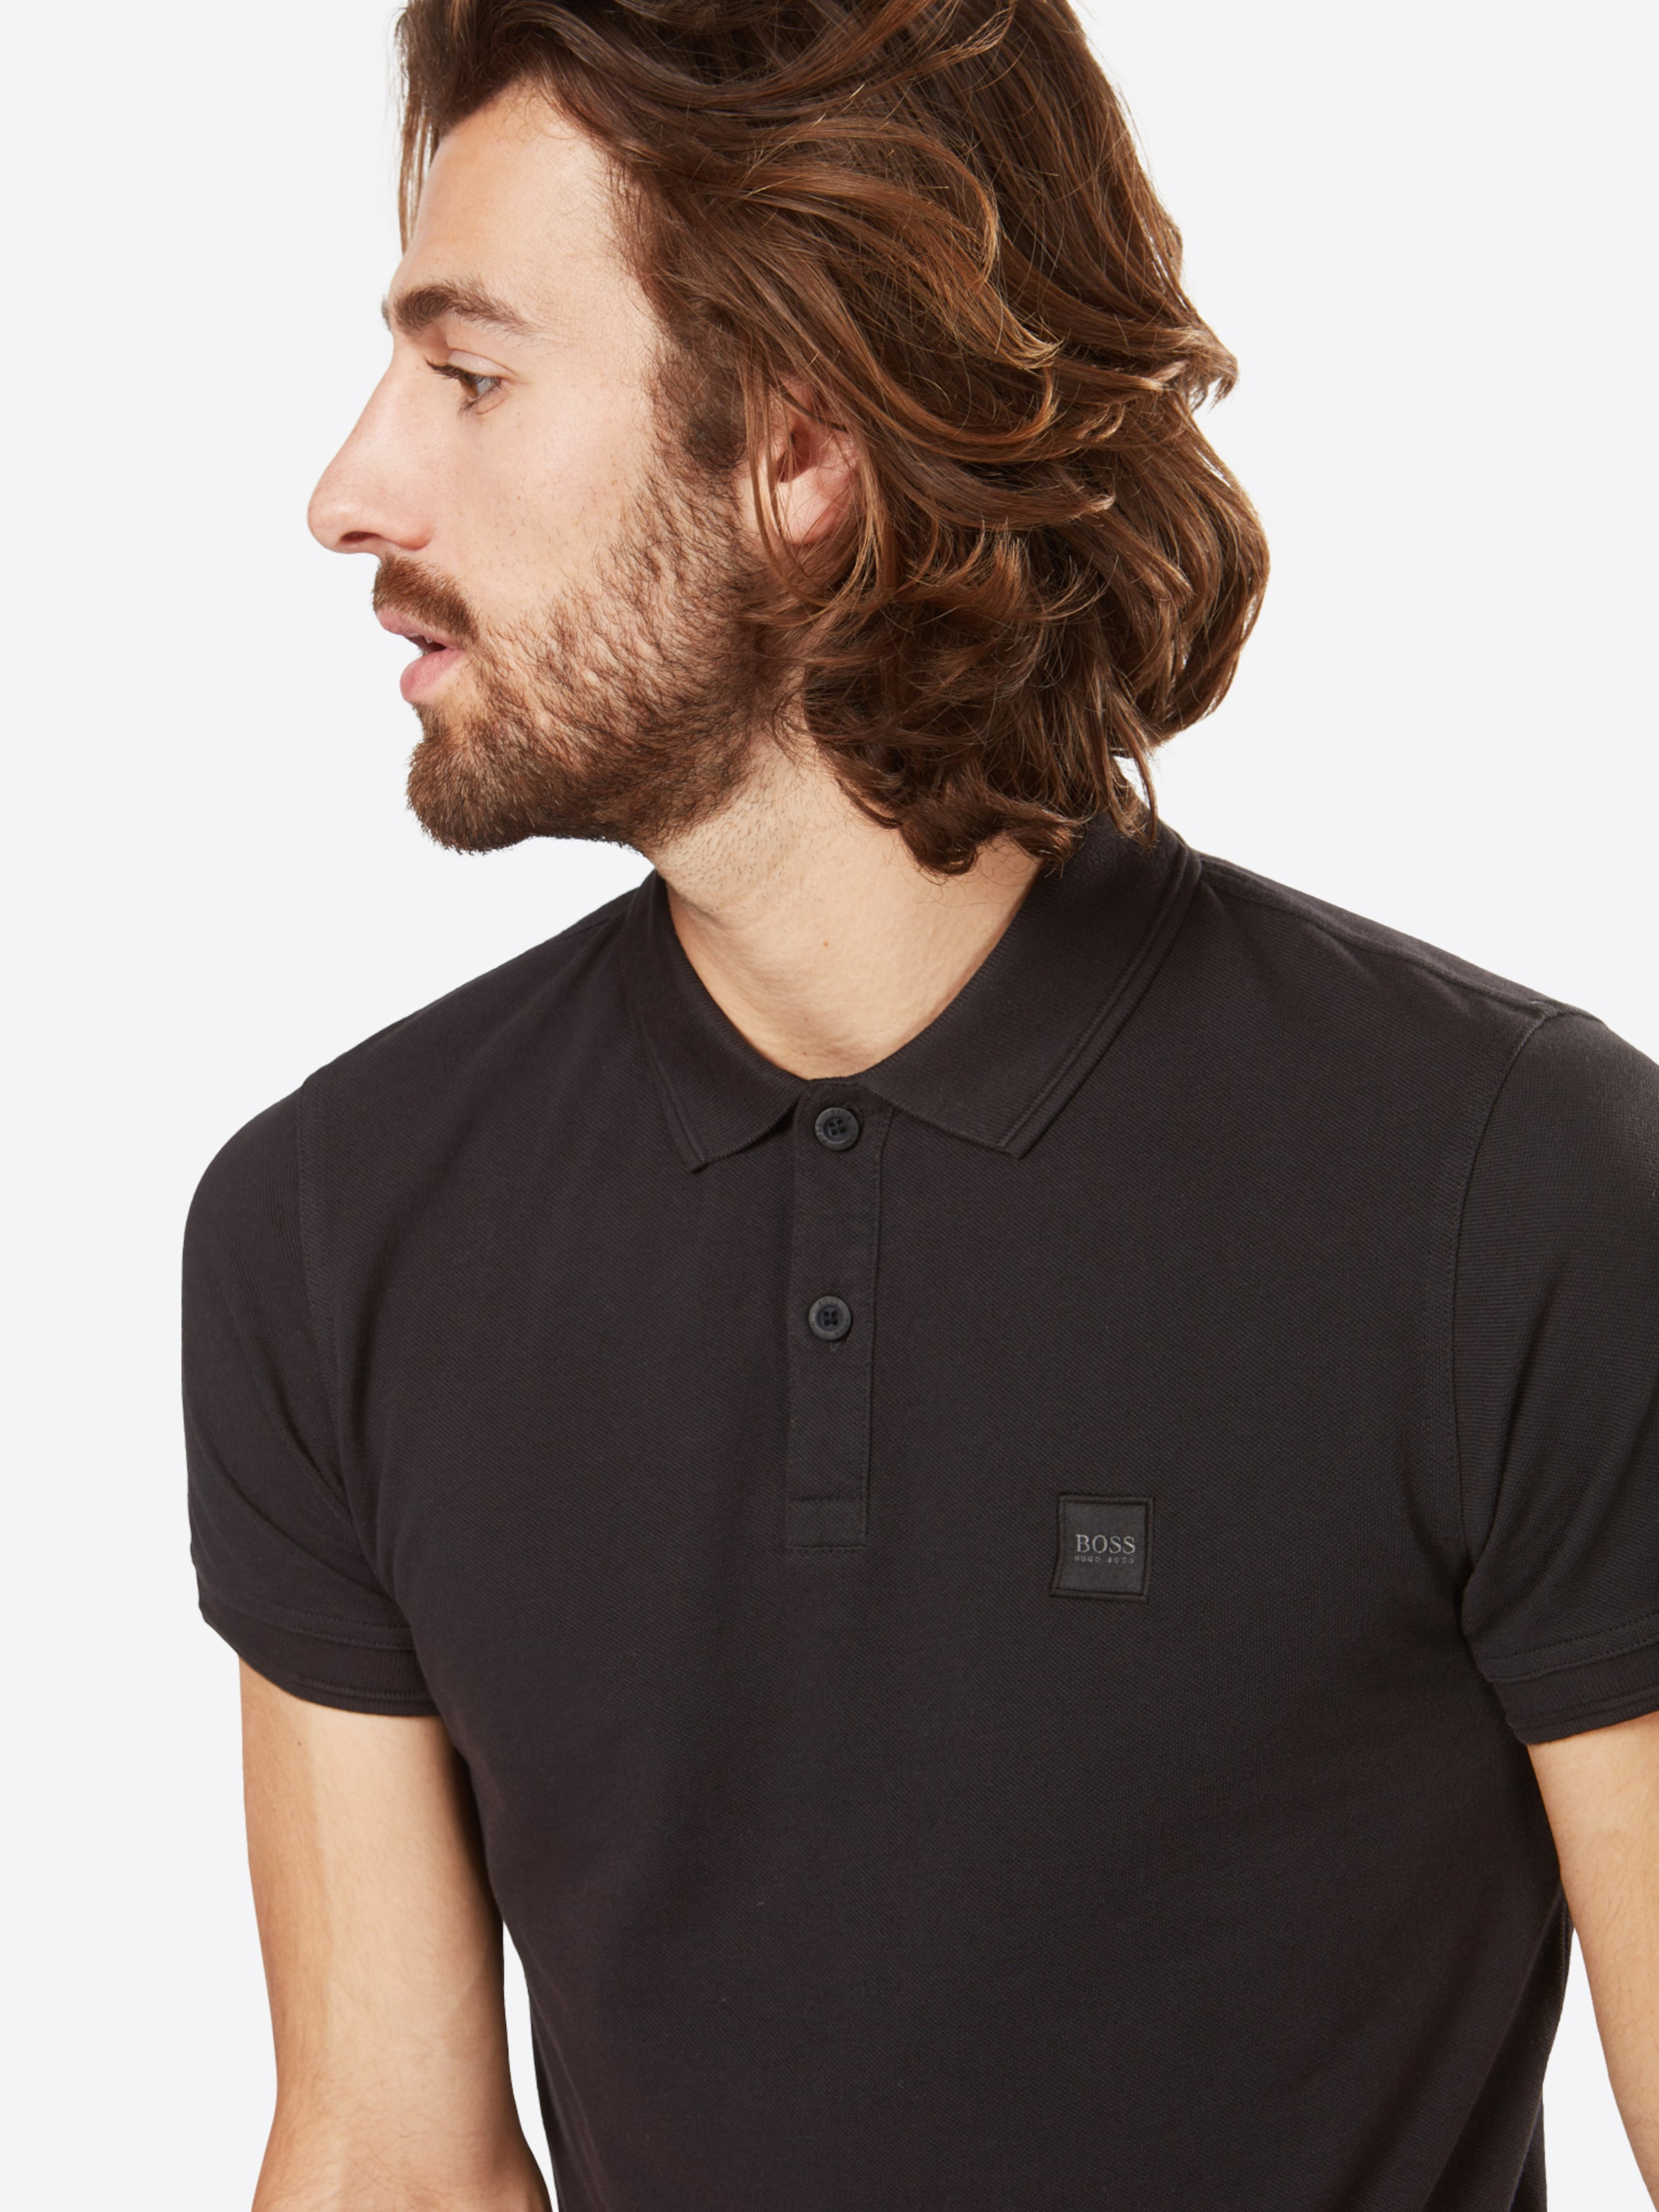 BOSS Poloshirt mit Piqué-Struktur 'Prime' Gemütlich Verkauf Wahl p6Zry